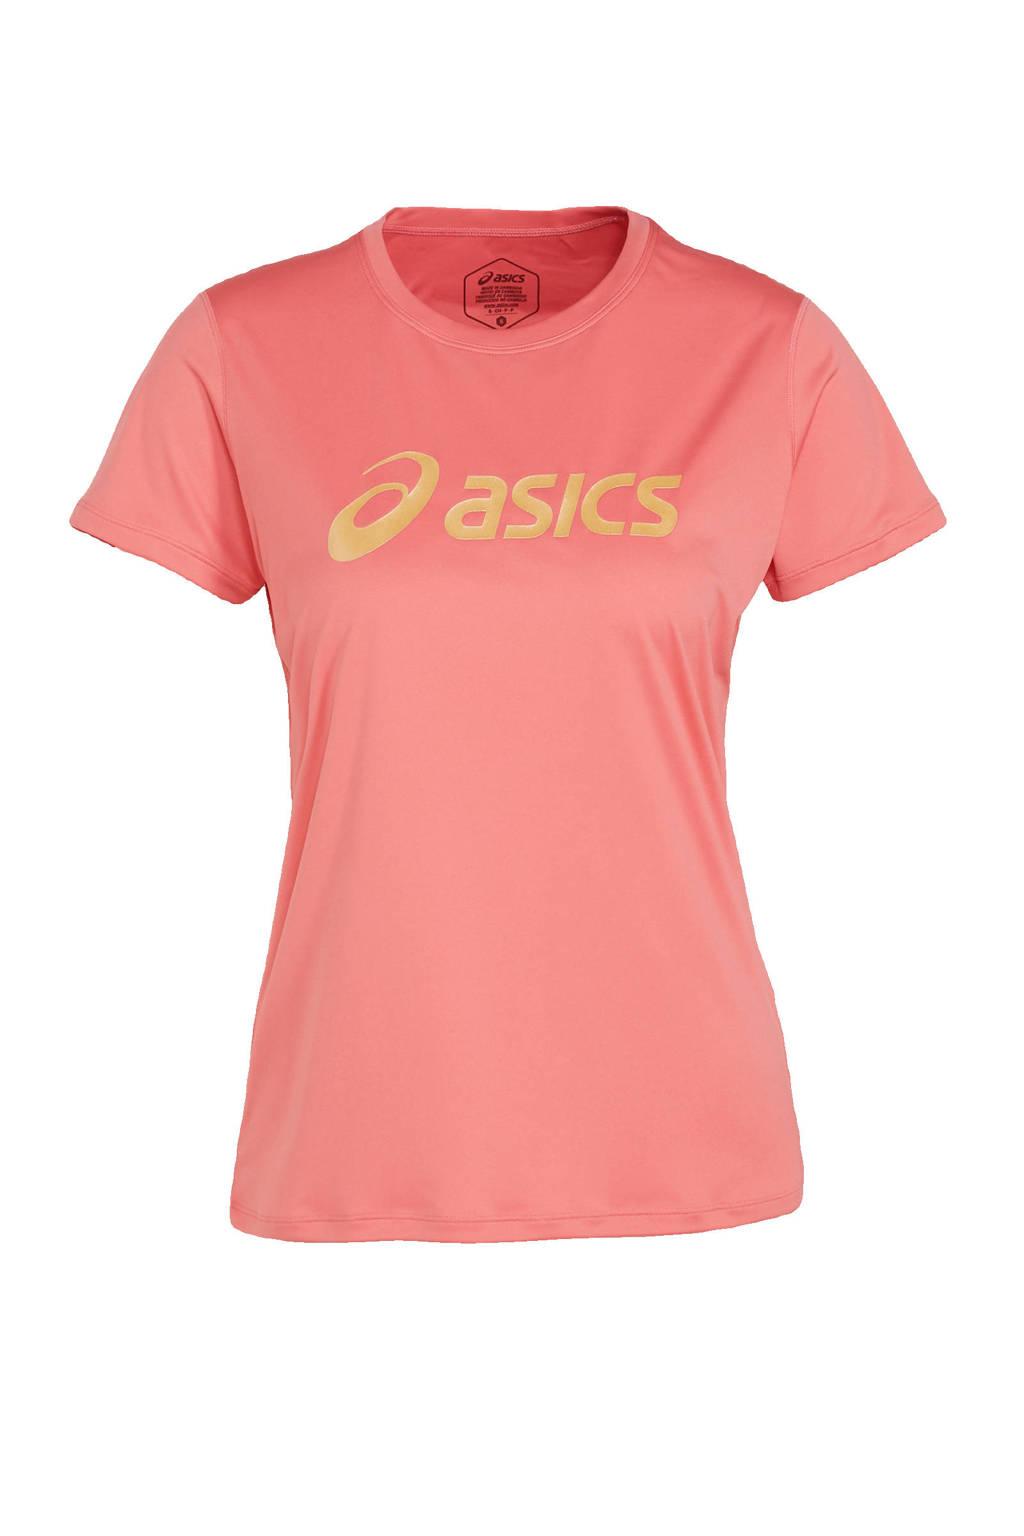 ASICS hardloopshirt lichtroze, Lichtroze